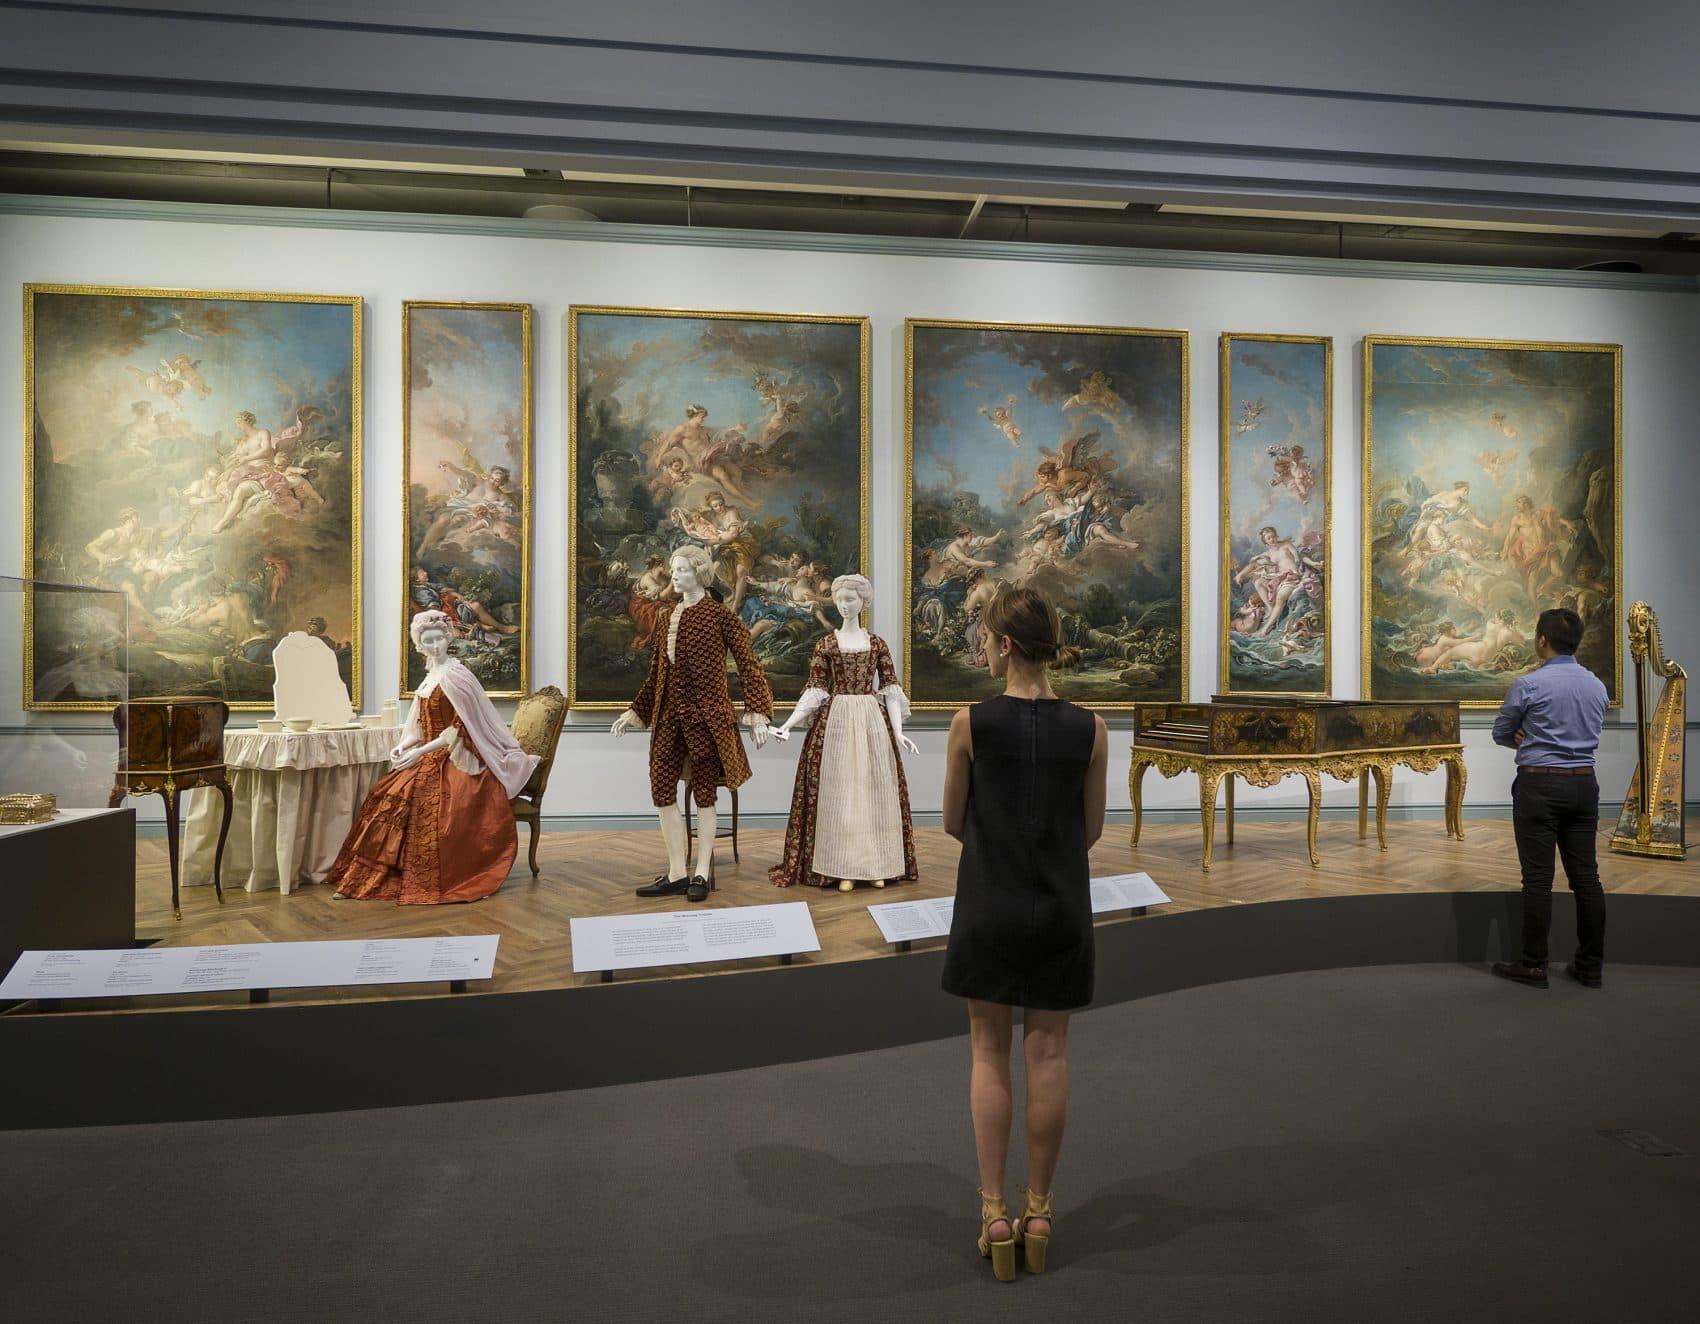 """A view of the MFA's exhibit, """"Casanova's Europe: Art, Pleasure, and Power in the 18th Century."""" (Courtesy Museum of Fine Arts, Boston)"""